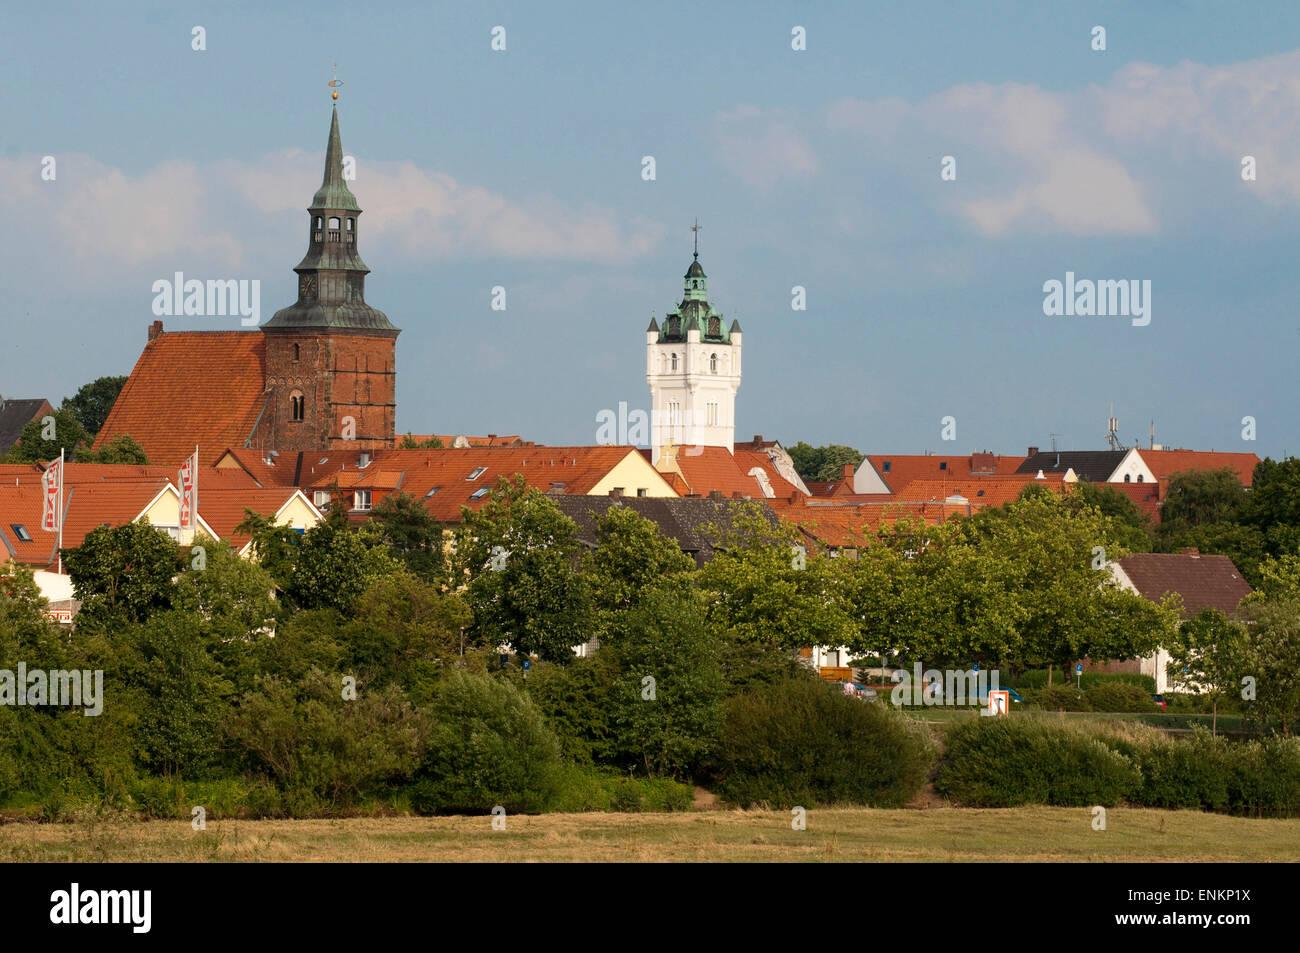 Blick ueber die Auen auf Stadt, Verden an der Aller, Niedersachsen, Deutschland |  View over meadows on town, Verden - Stock Image